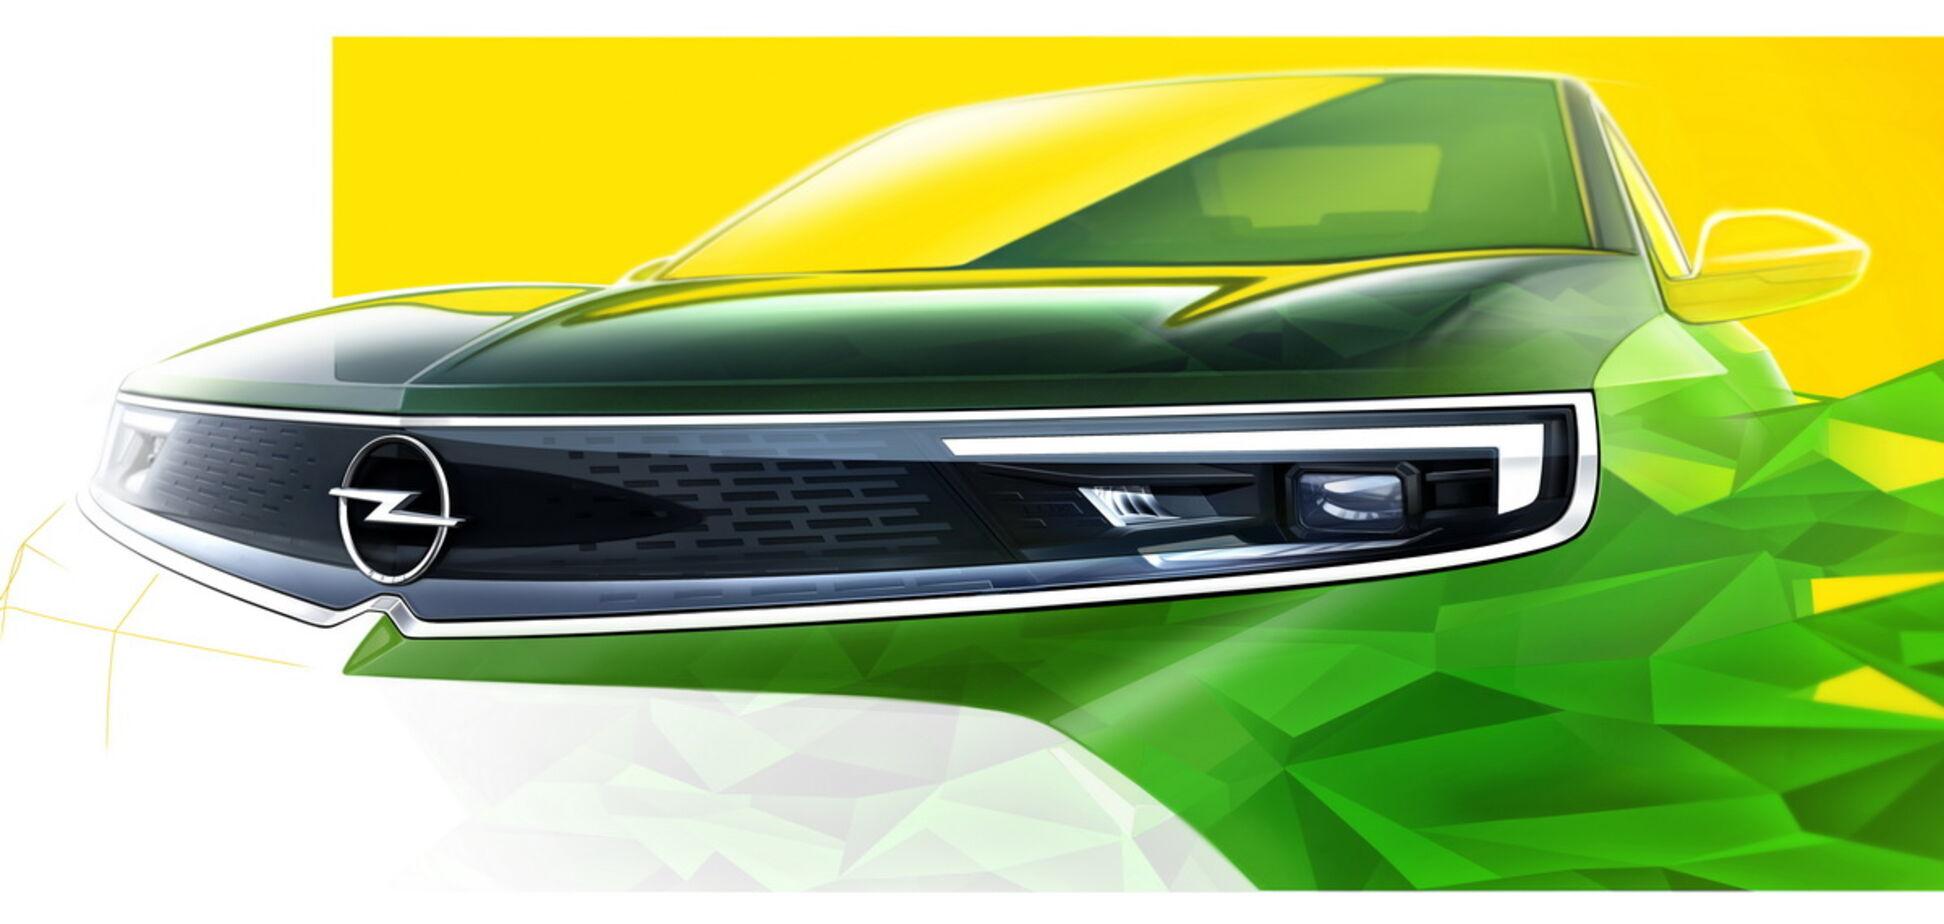 Компактный кроссовер Opel Mokka заинтриговал дизайном